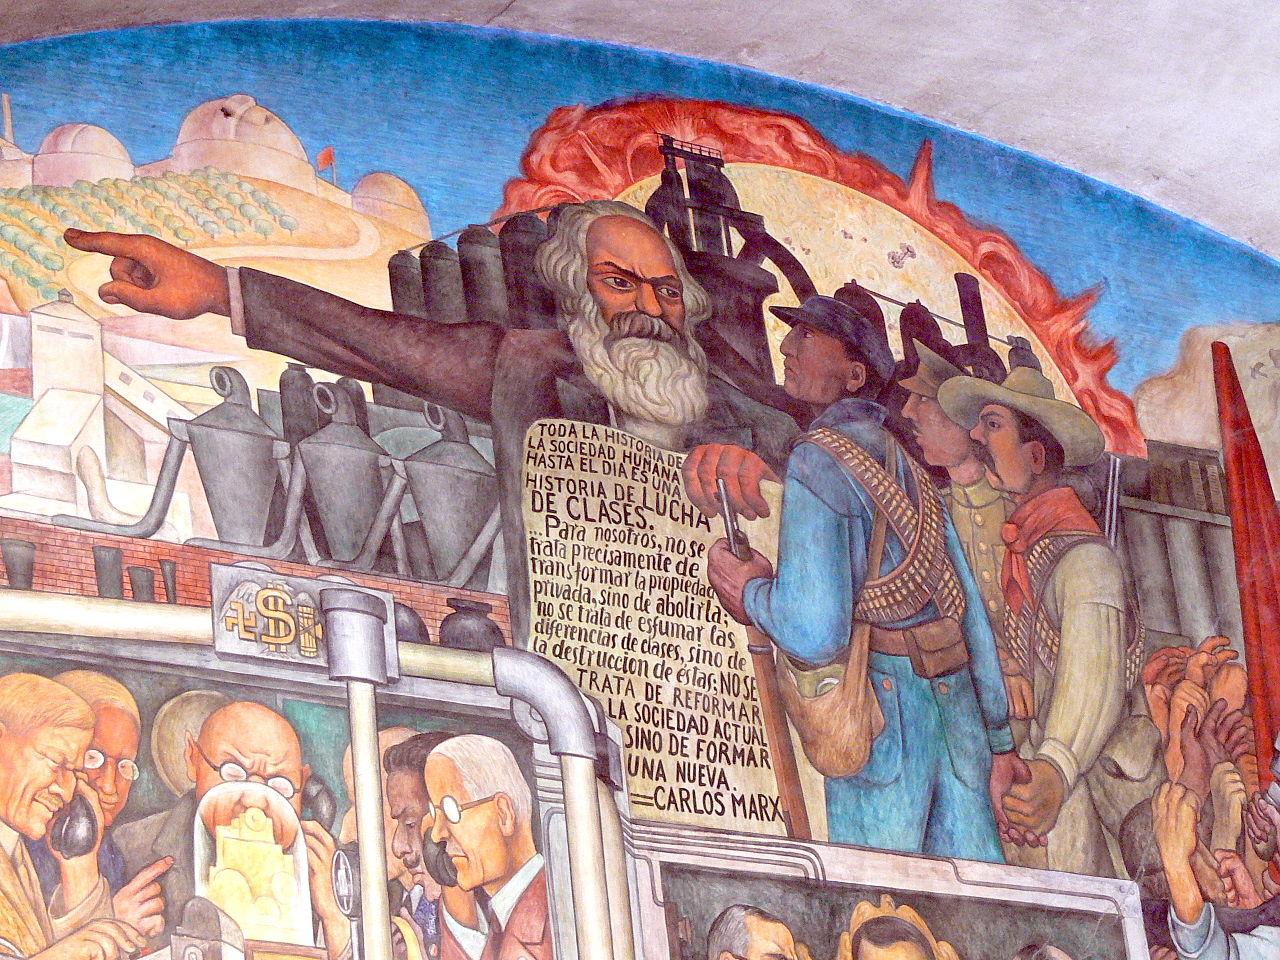 Mexico City, Palacio Nacional. Mural by Diego Rivera, History of Mexico, Wolfgang Sauber